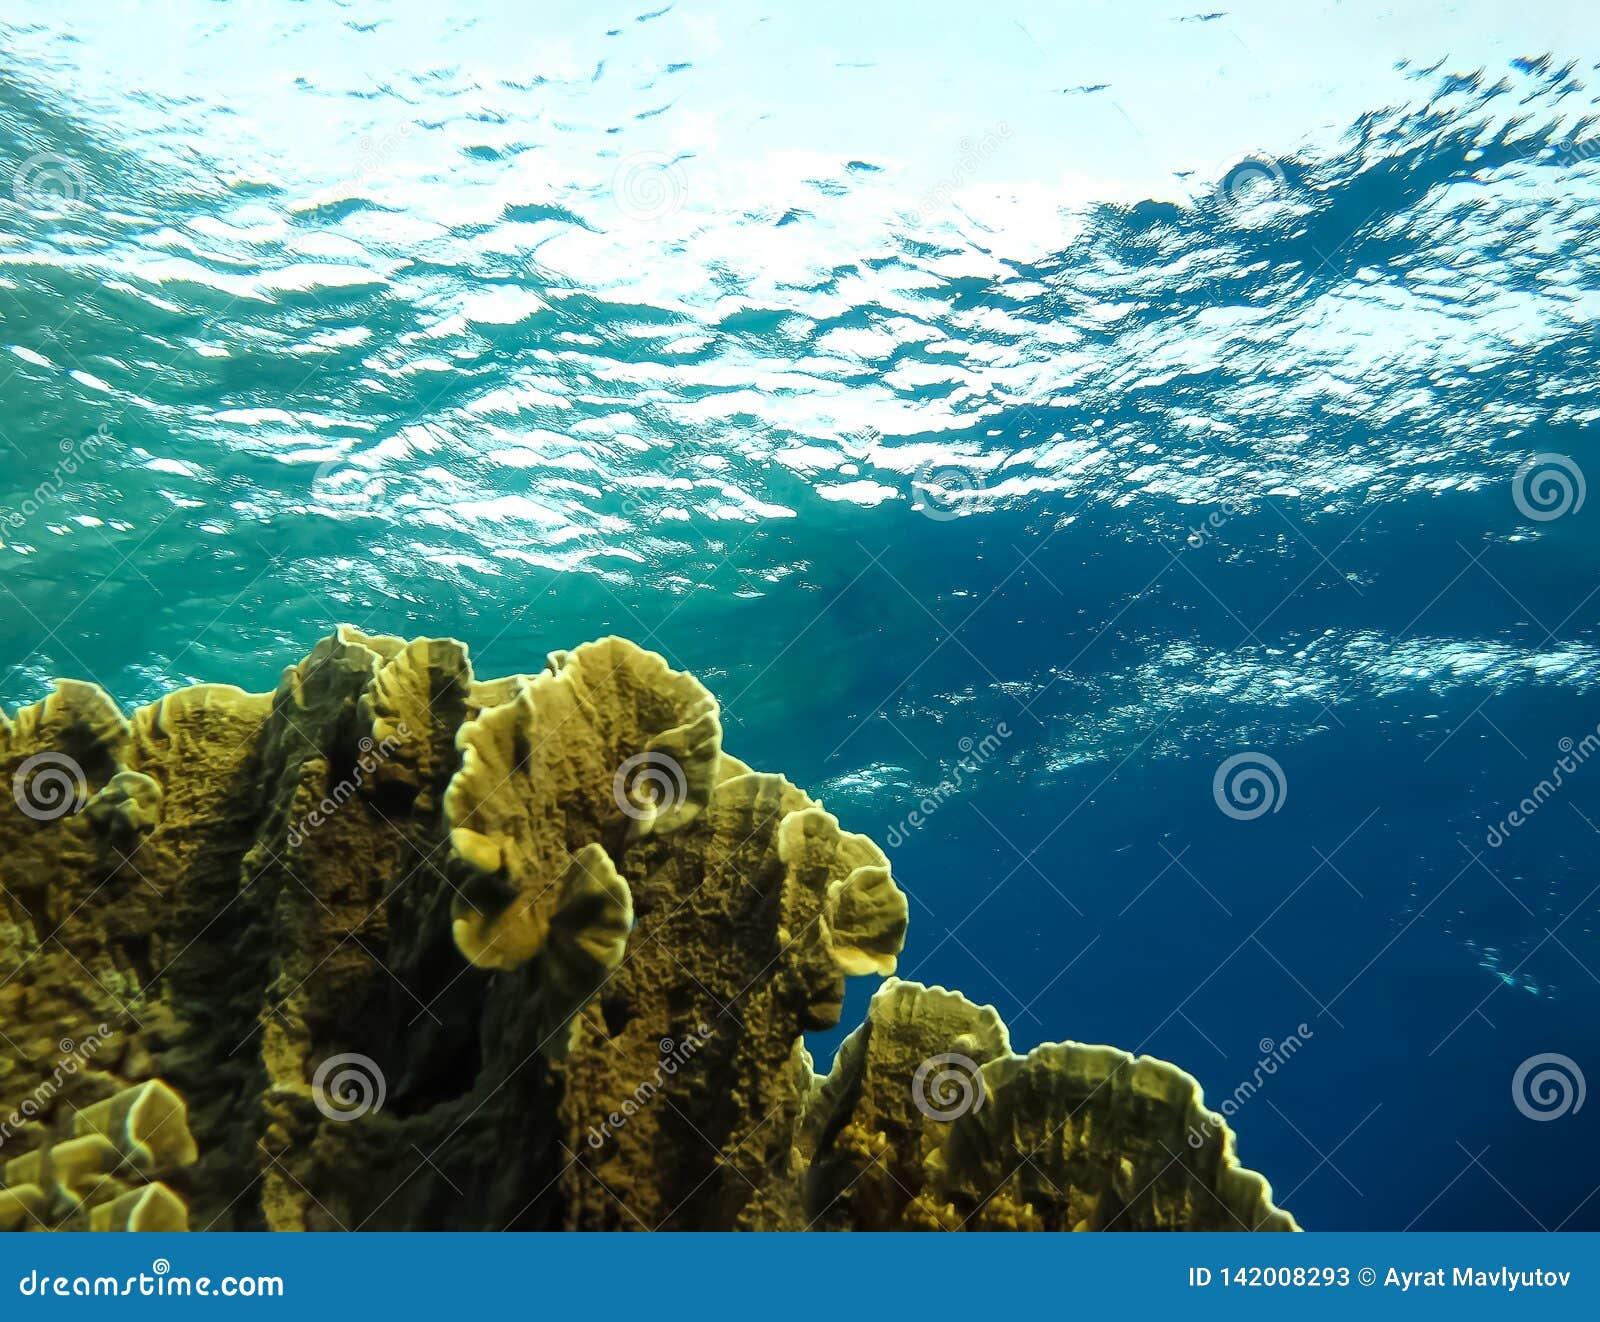 De onderwaterwereld in diep water in koraalrif en installaties bloeit flora in het blauwe wereld mariene wild, Vissen, koralen en